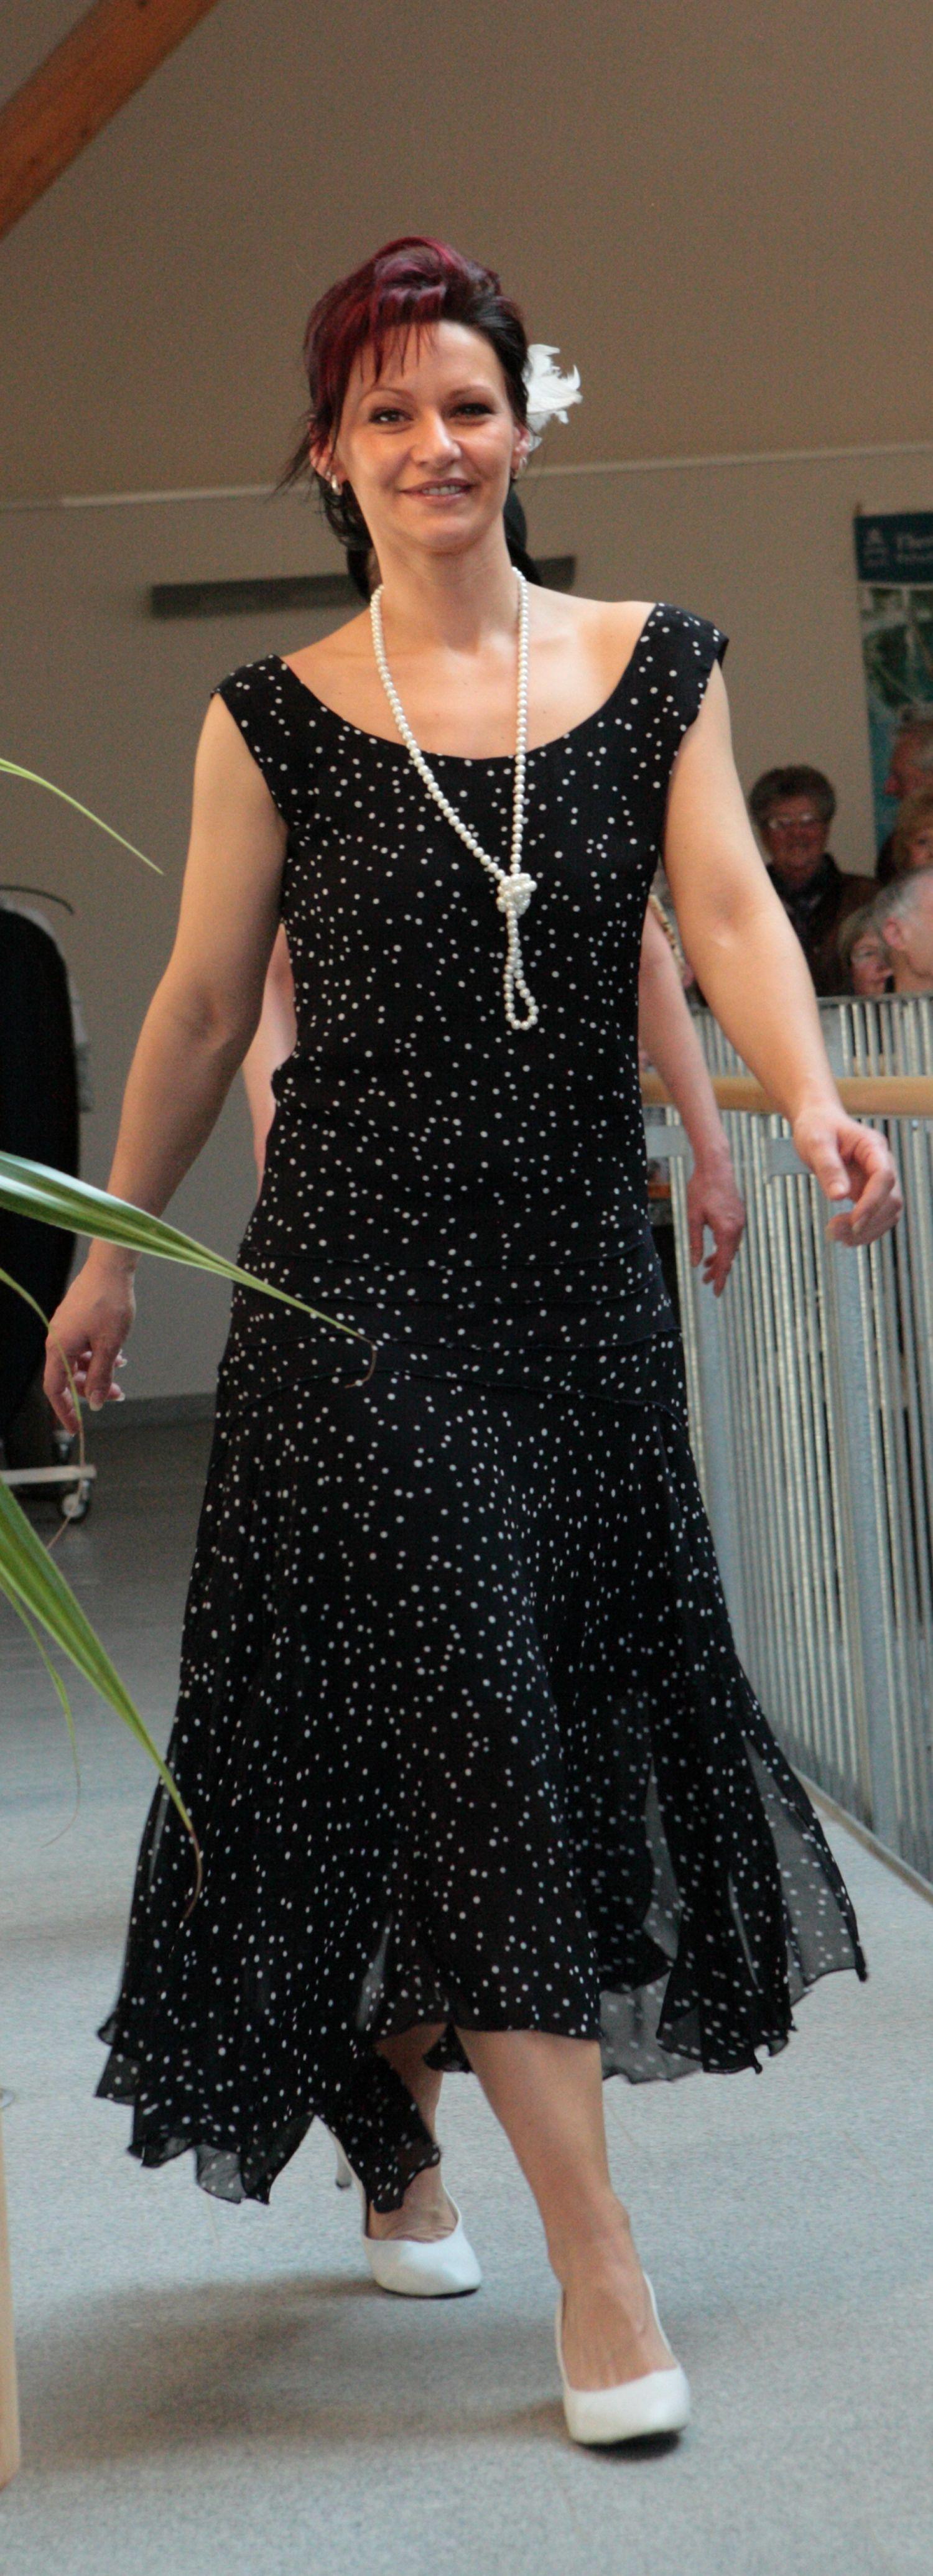 kleid im 20er jahre stil von klennes champagnerlaune kleid blau mit wei en tupfen einzelst ck. Black Bedroom Furniture Sets. Home Design Ideas